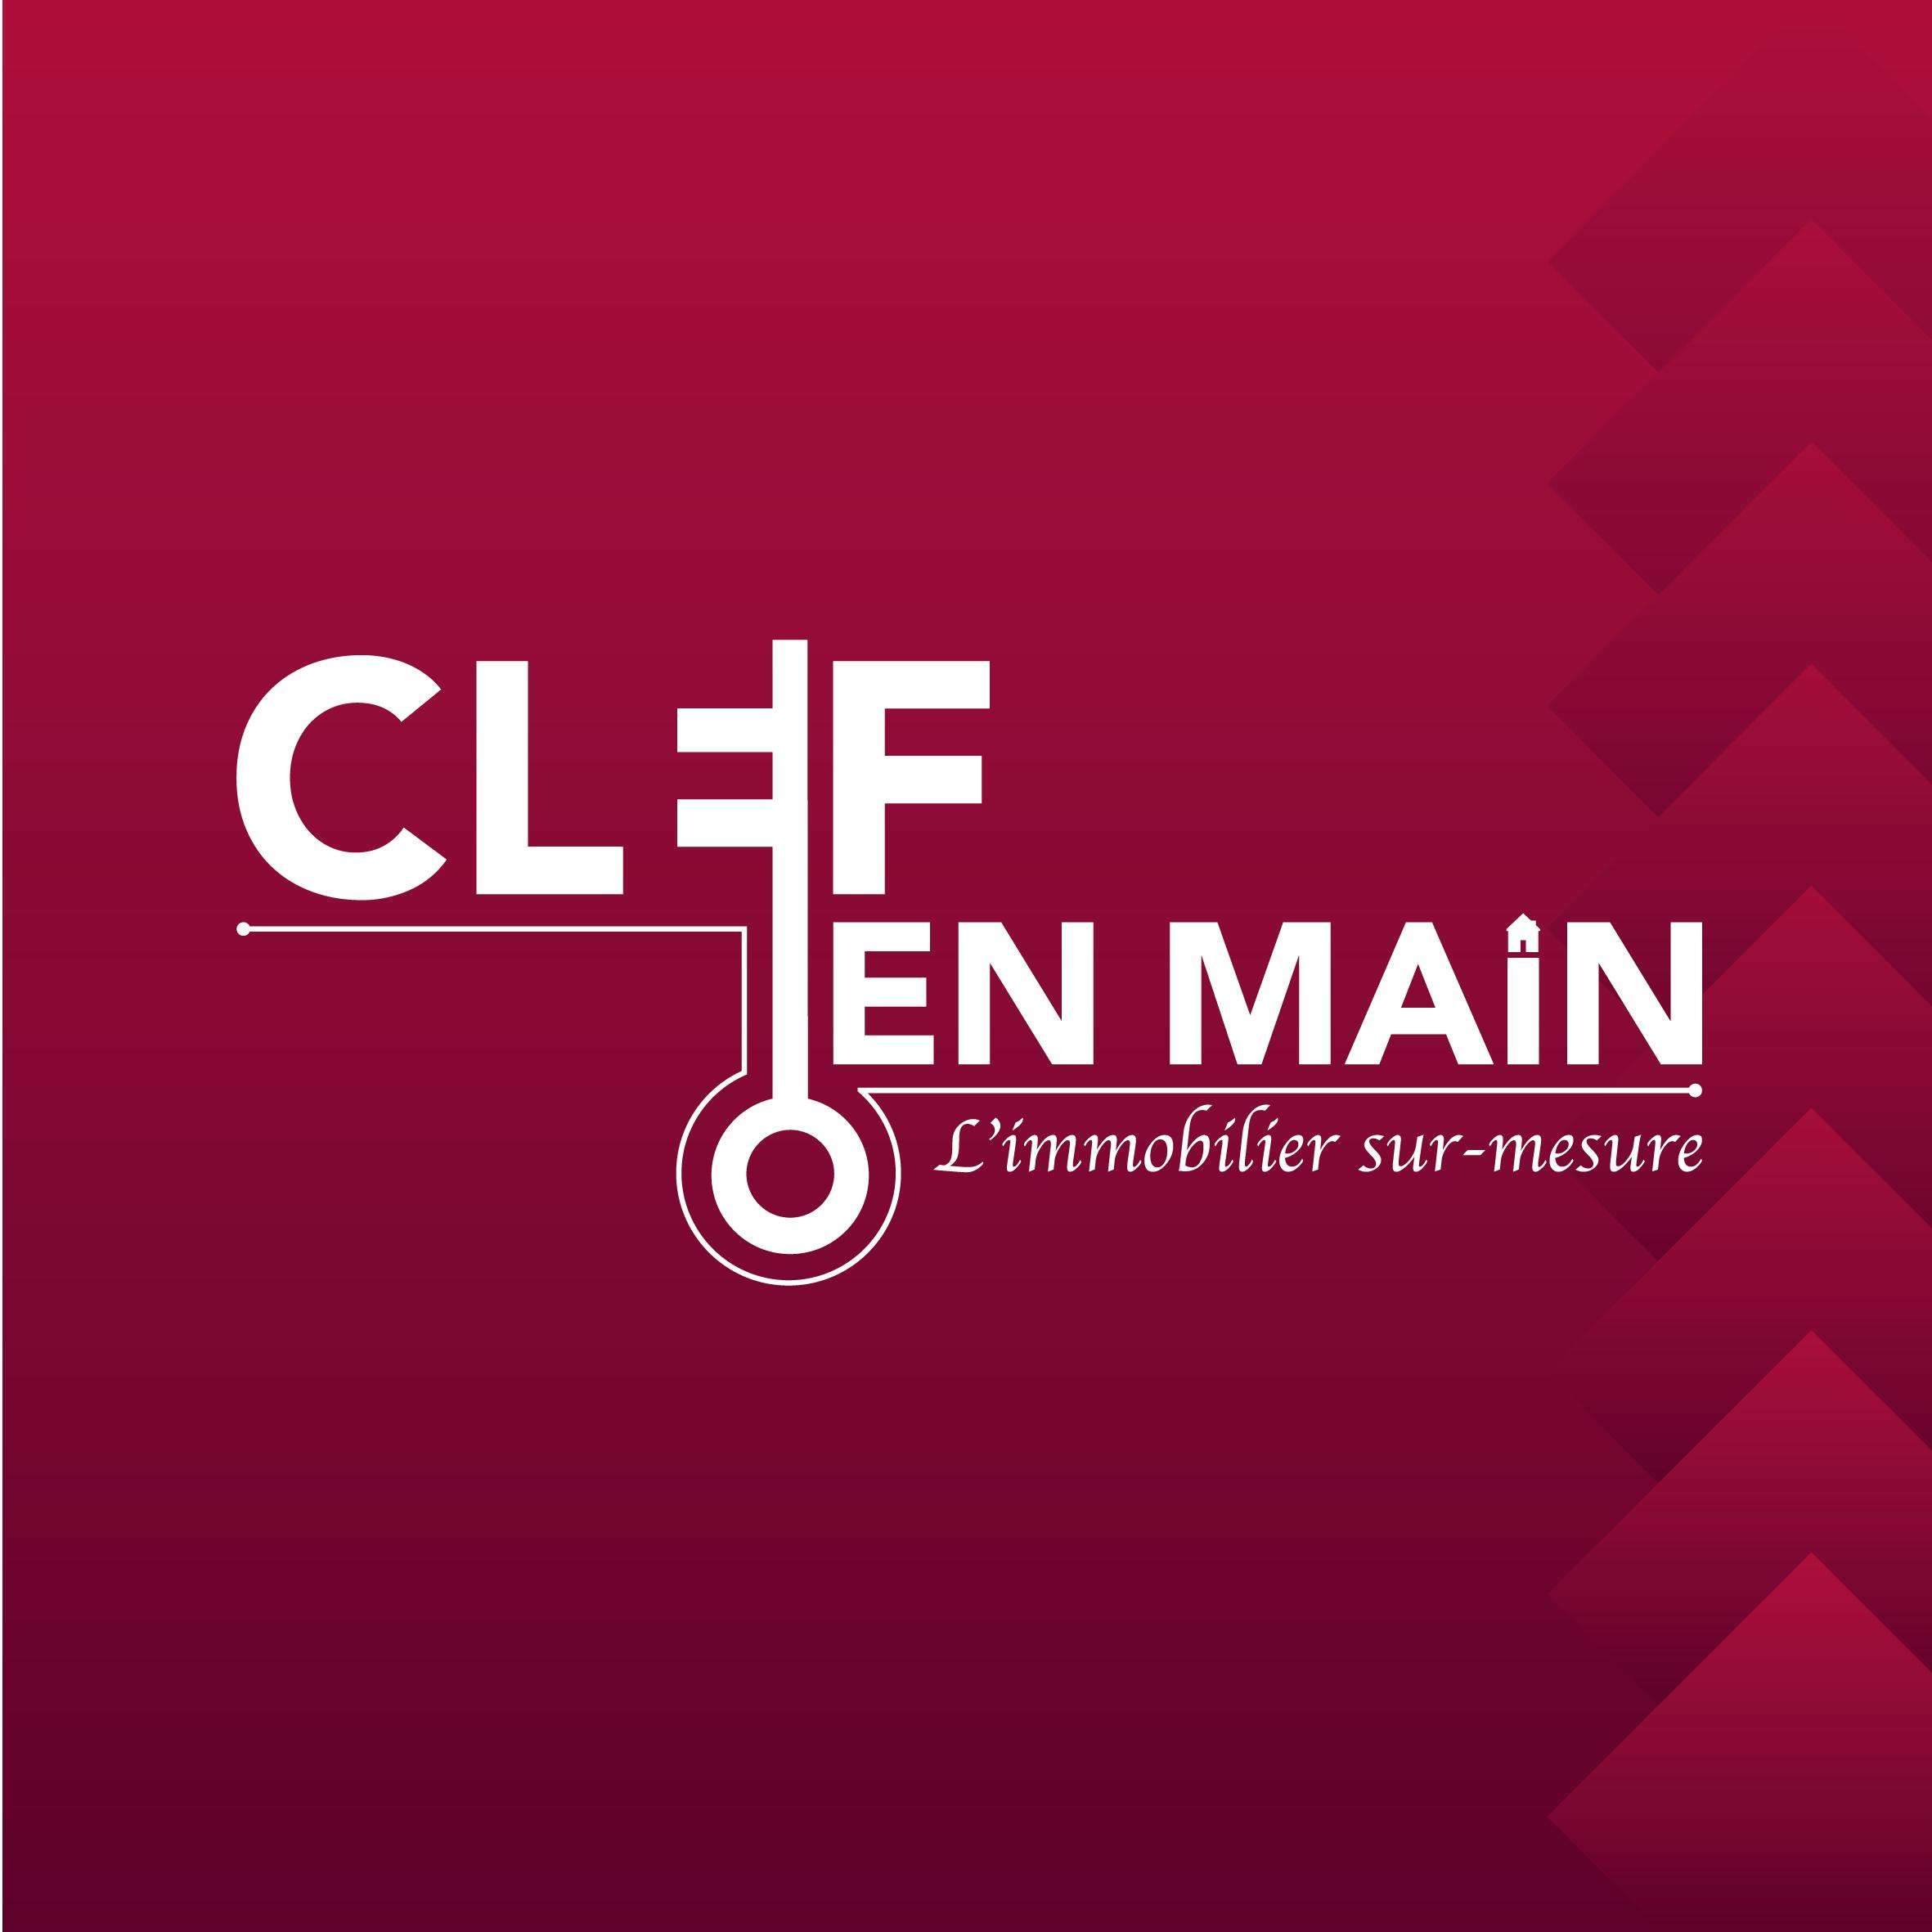 CLEF EN MAIN - Logo